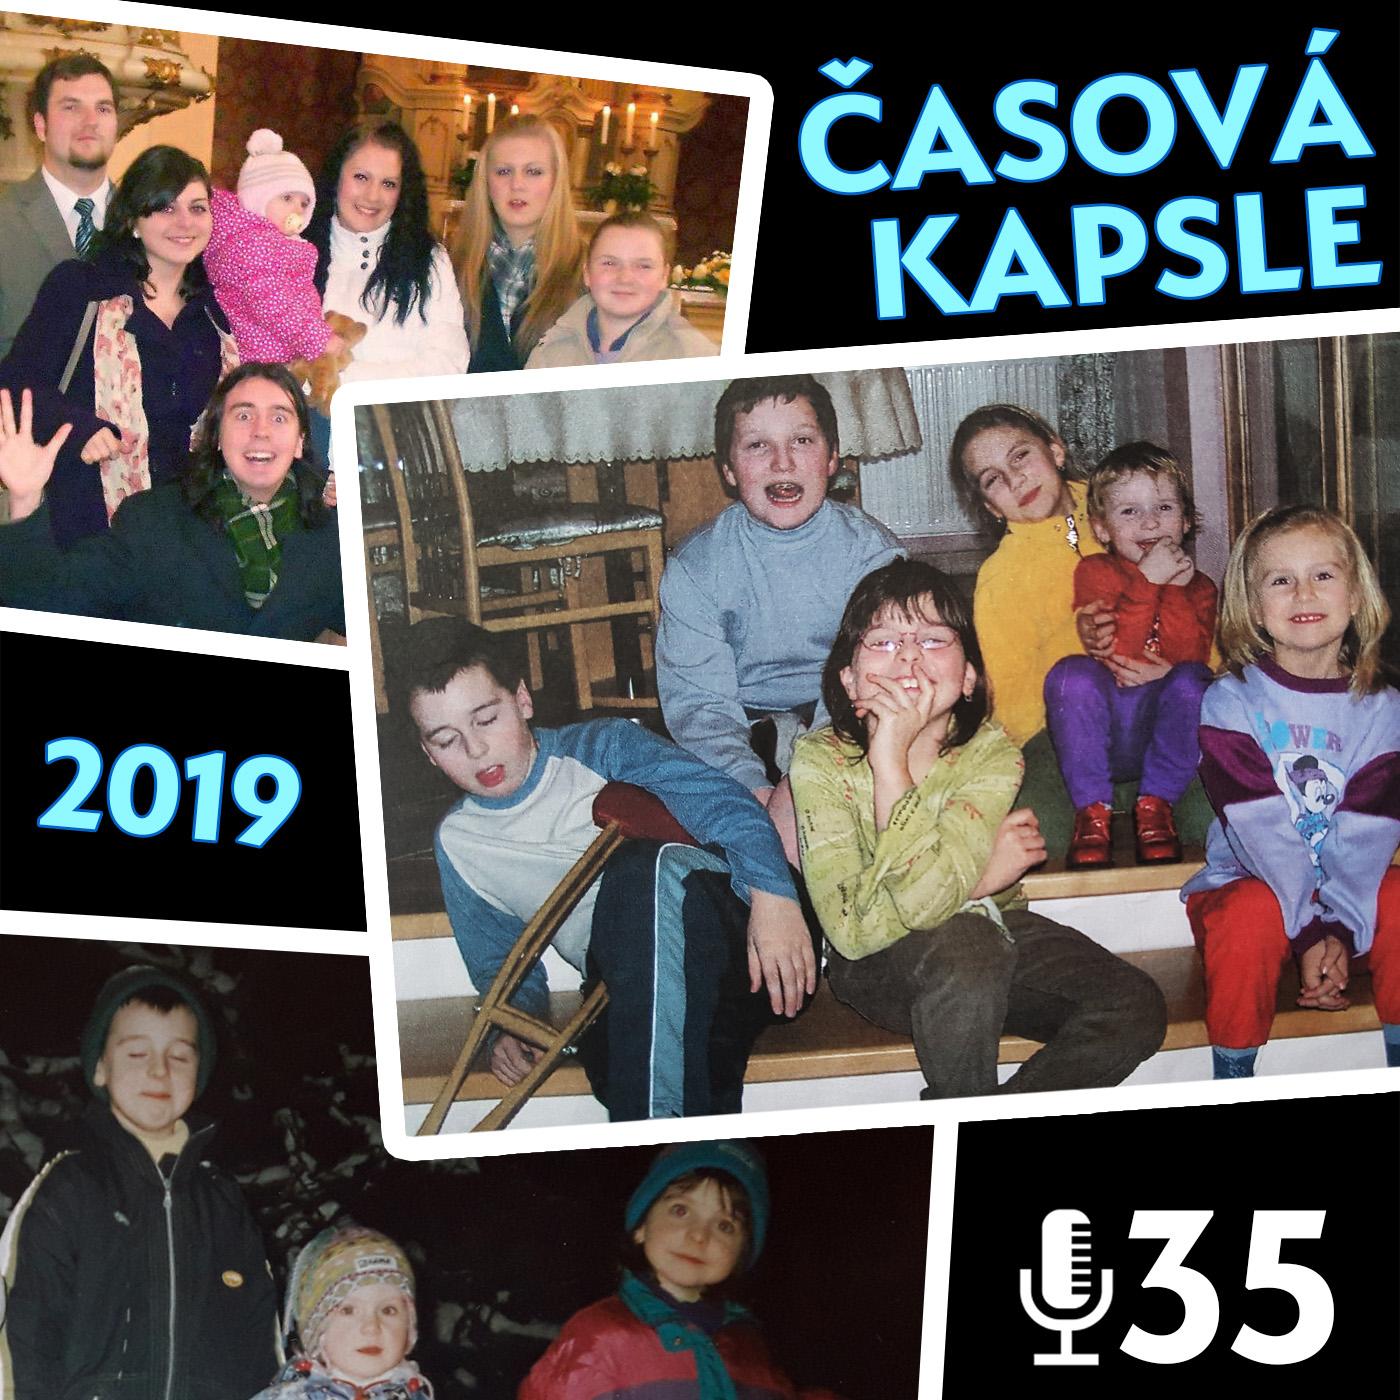 Epizoda 35 - Časová kapsle 2019